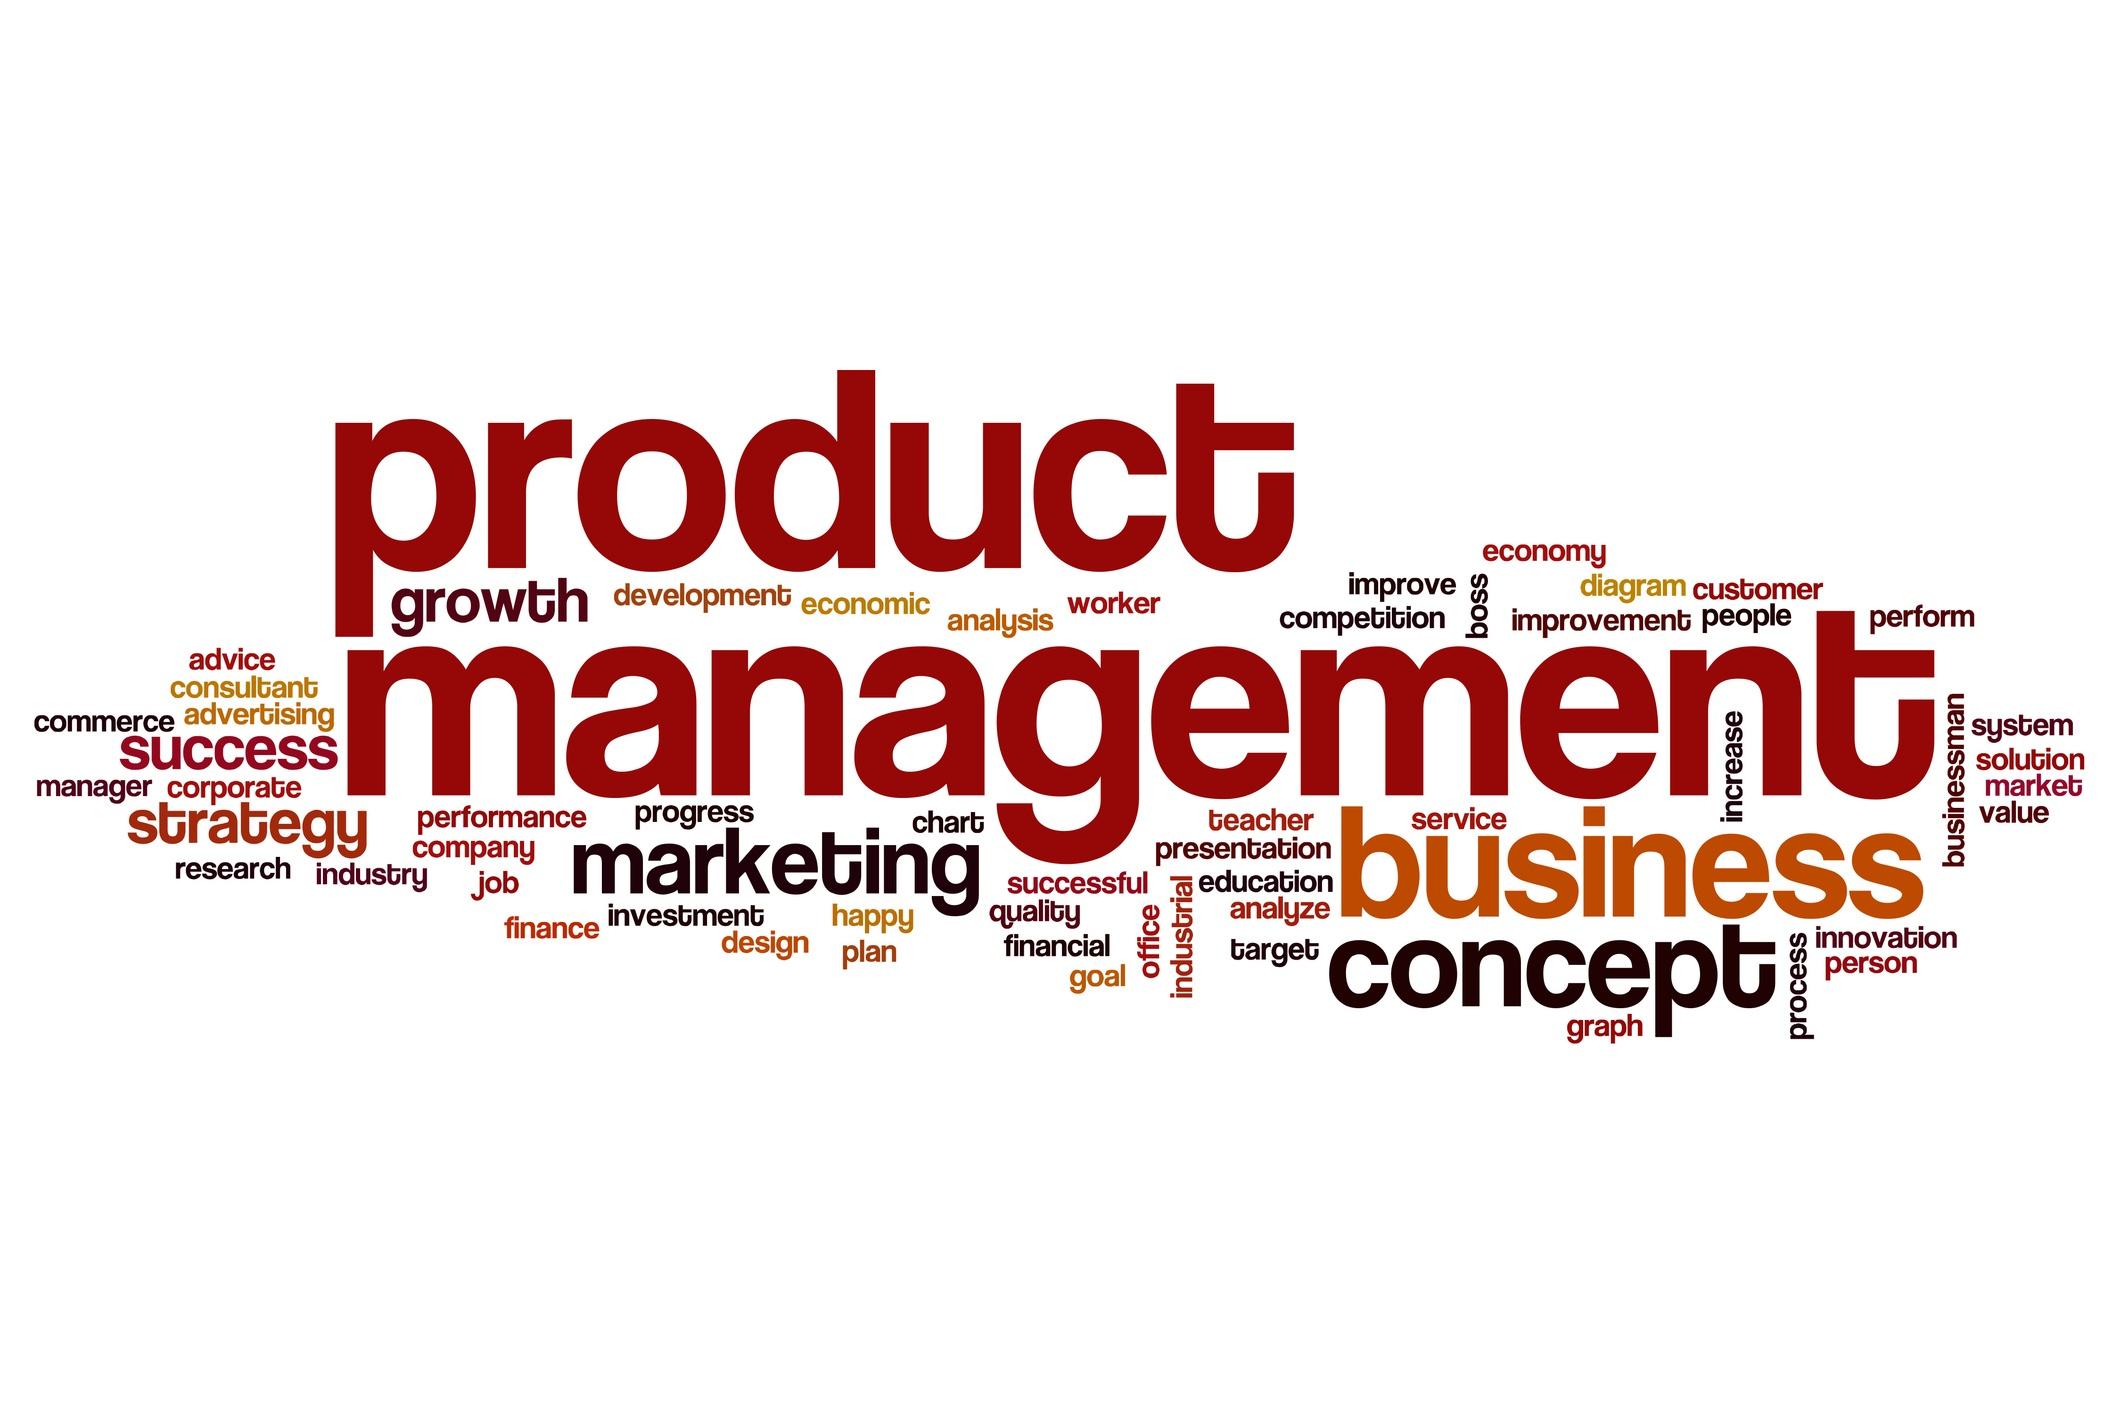 Los líderes del mercado de gestión de productos según Forrester